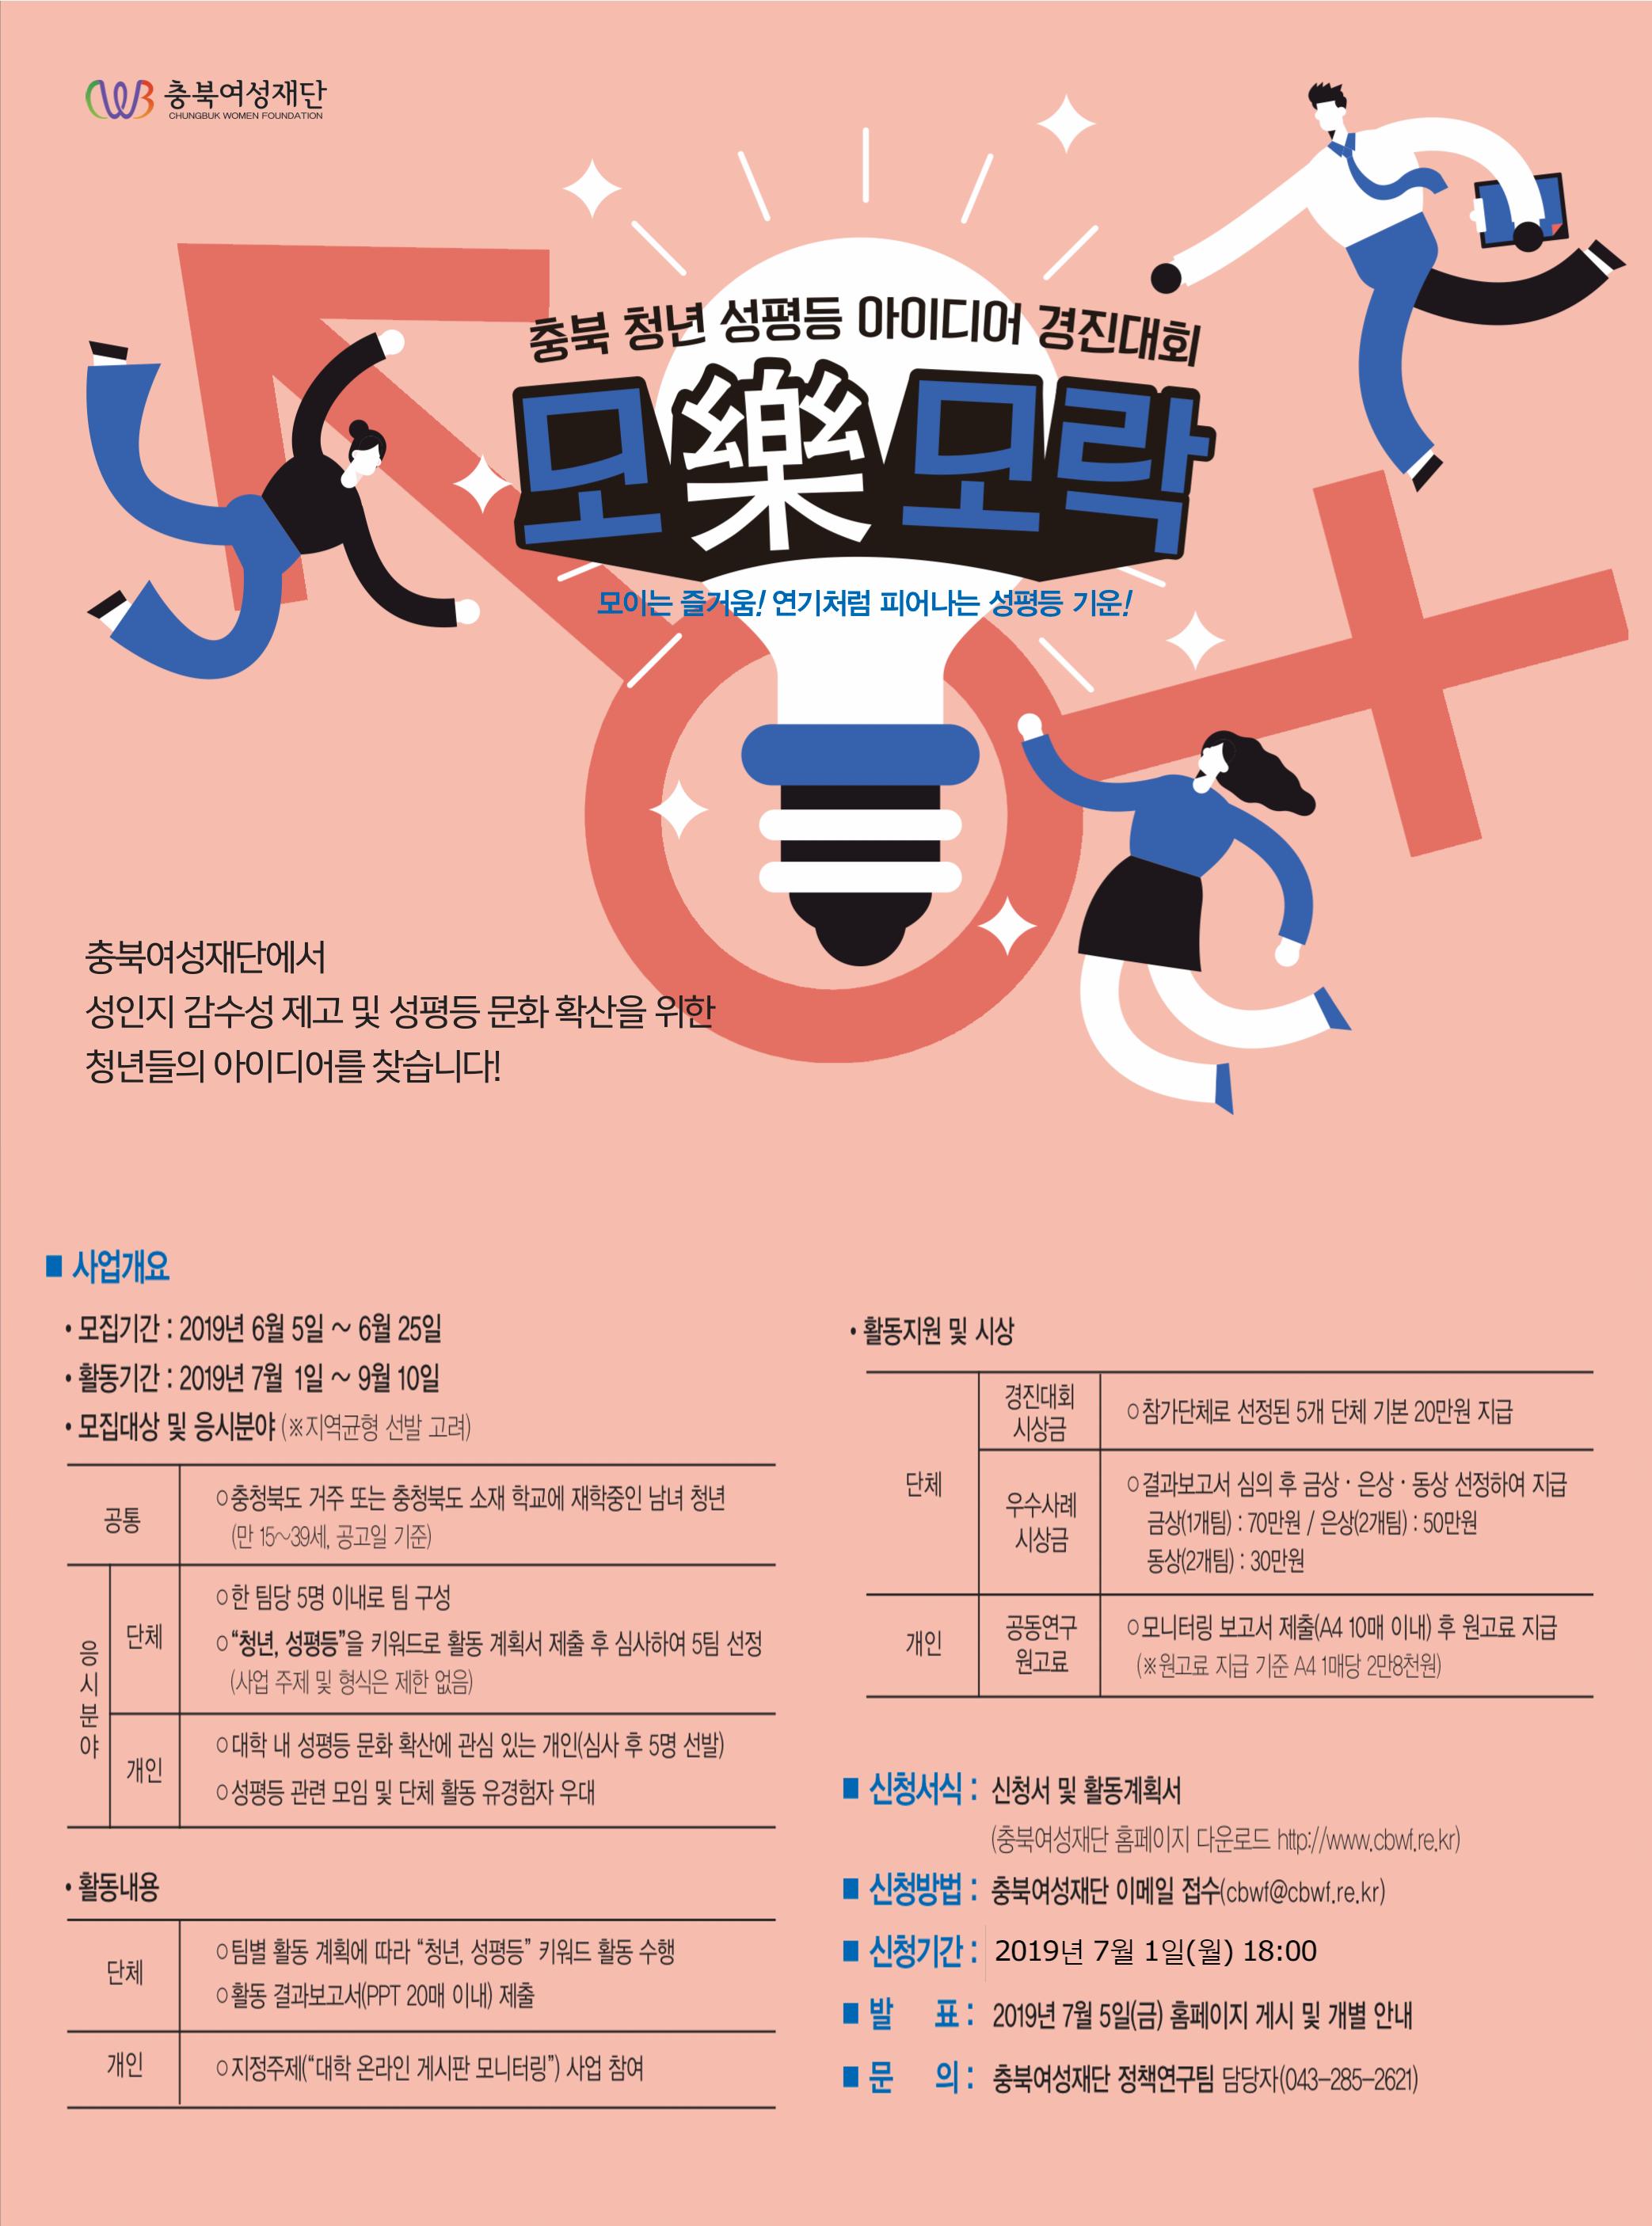 충북여성재단 '충북 청년 성평등 아이디어 경진대회' 공모 기간 연장 안내 [이미지]